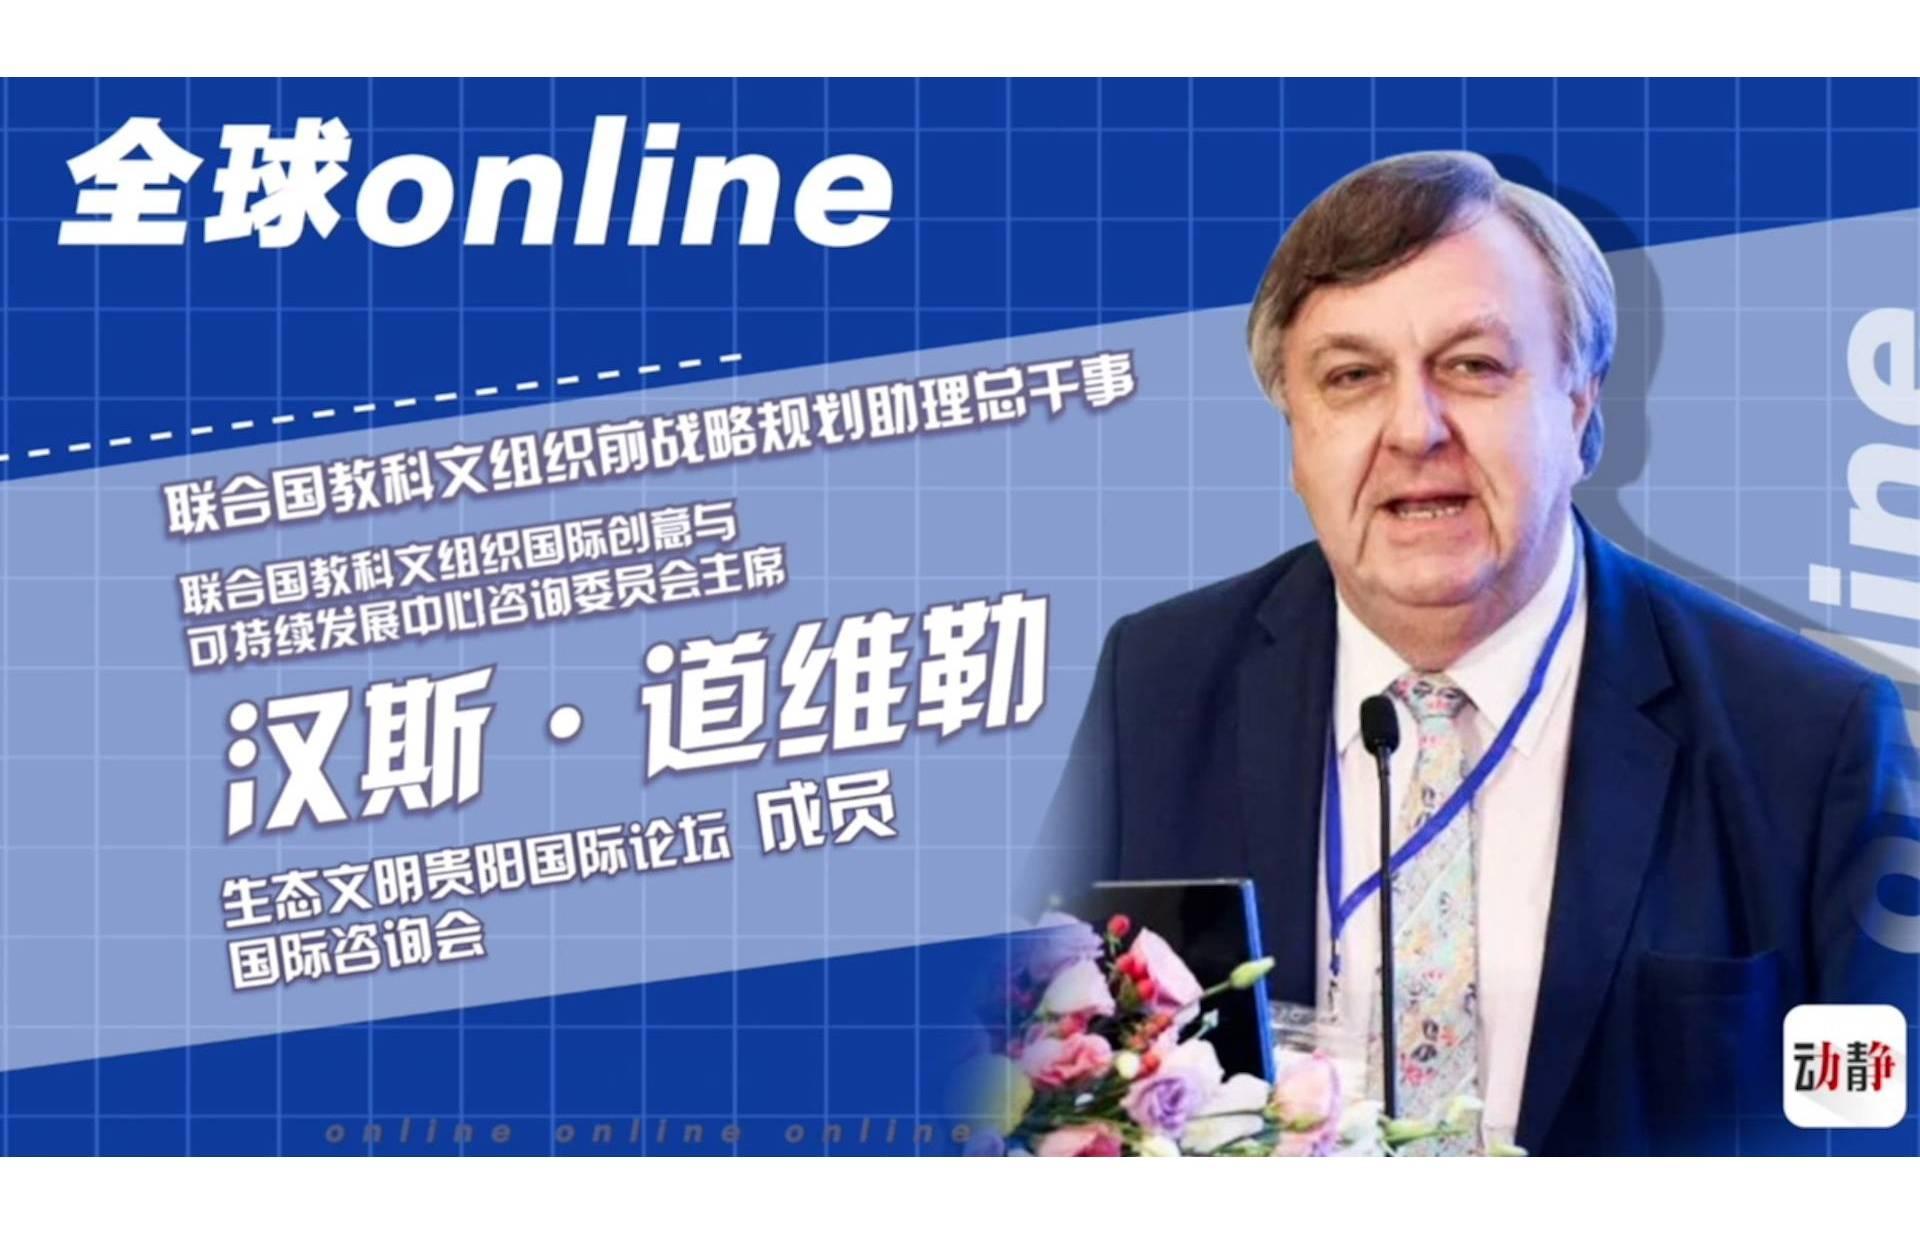 生态文明·全球online丨这就是为什么生态文明贵阳国际论坛要在中国举办